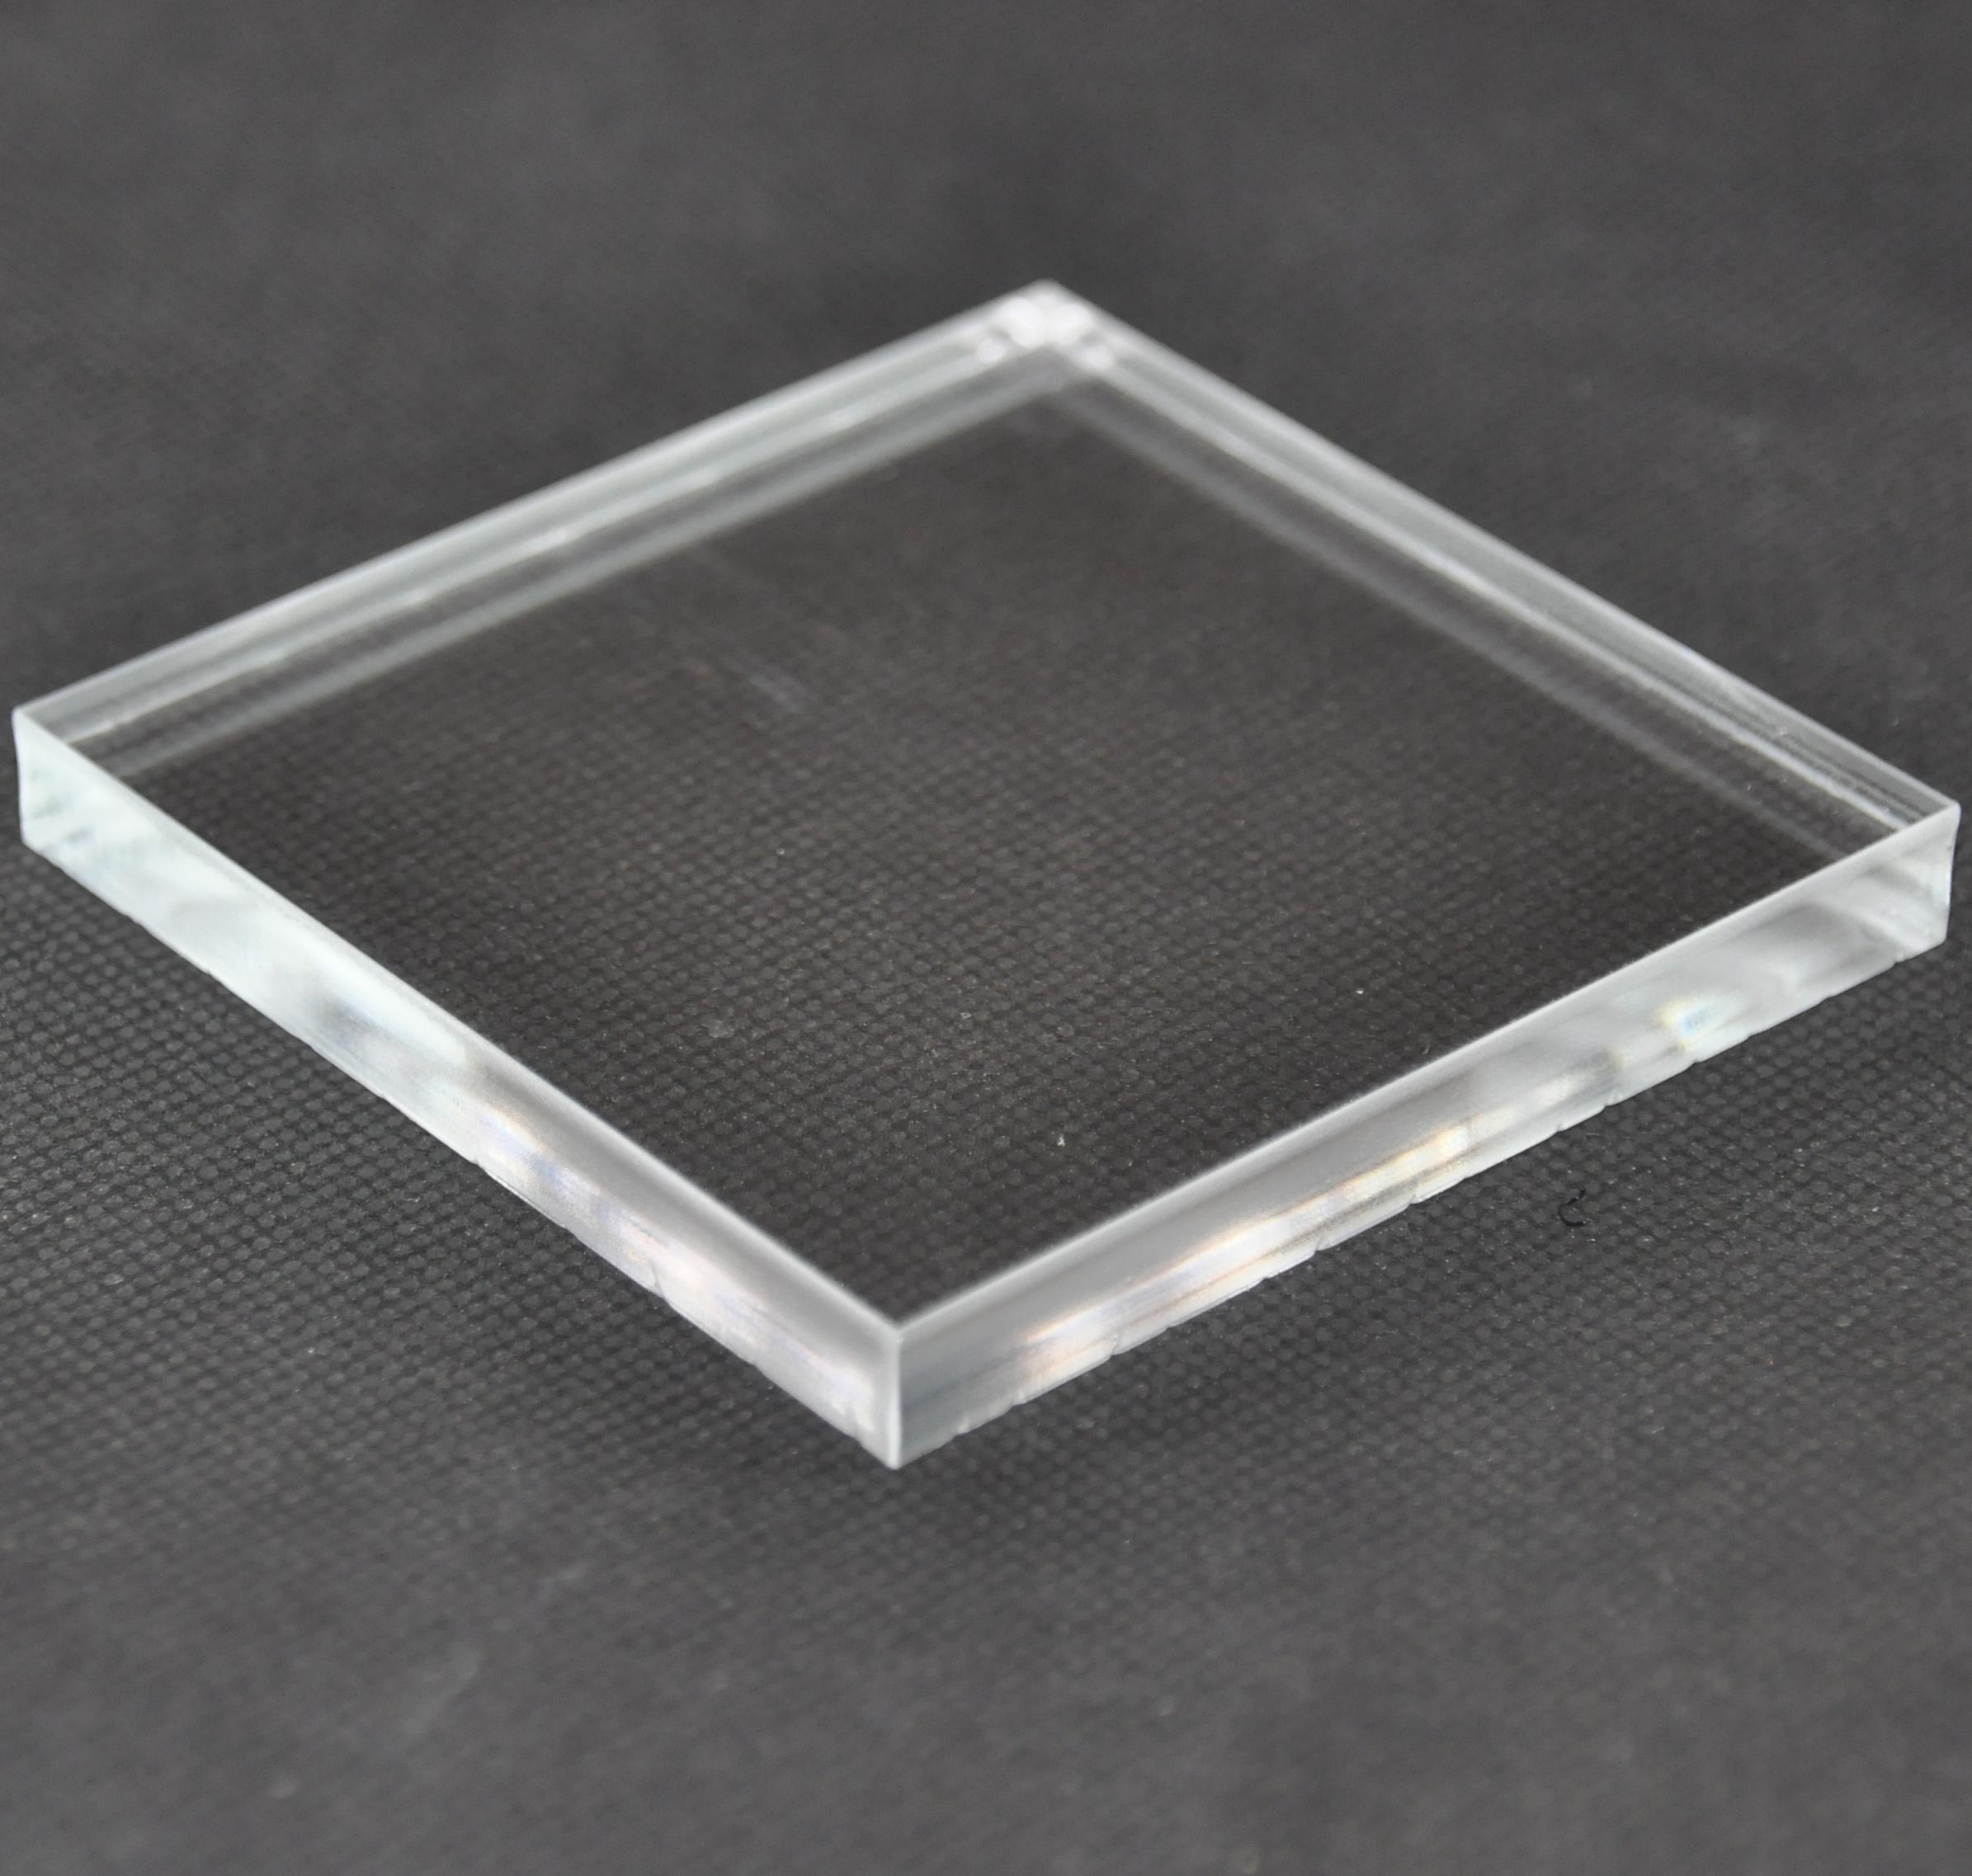 透明亚克力板材 有机玻璃板 塑料板 激光切割定做 定制 2-10mm商品图片